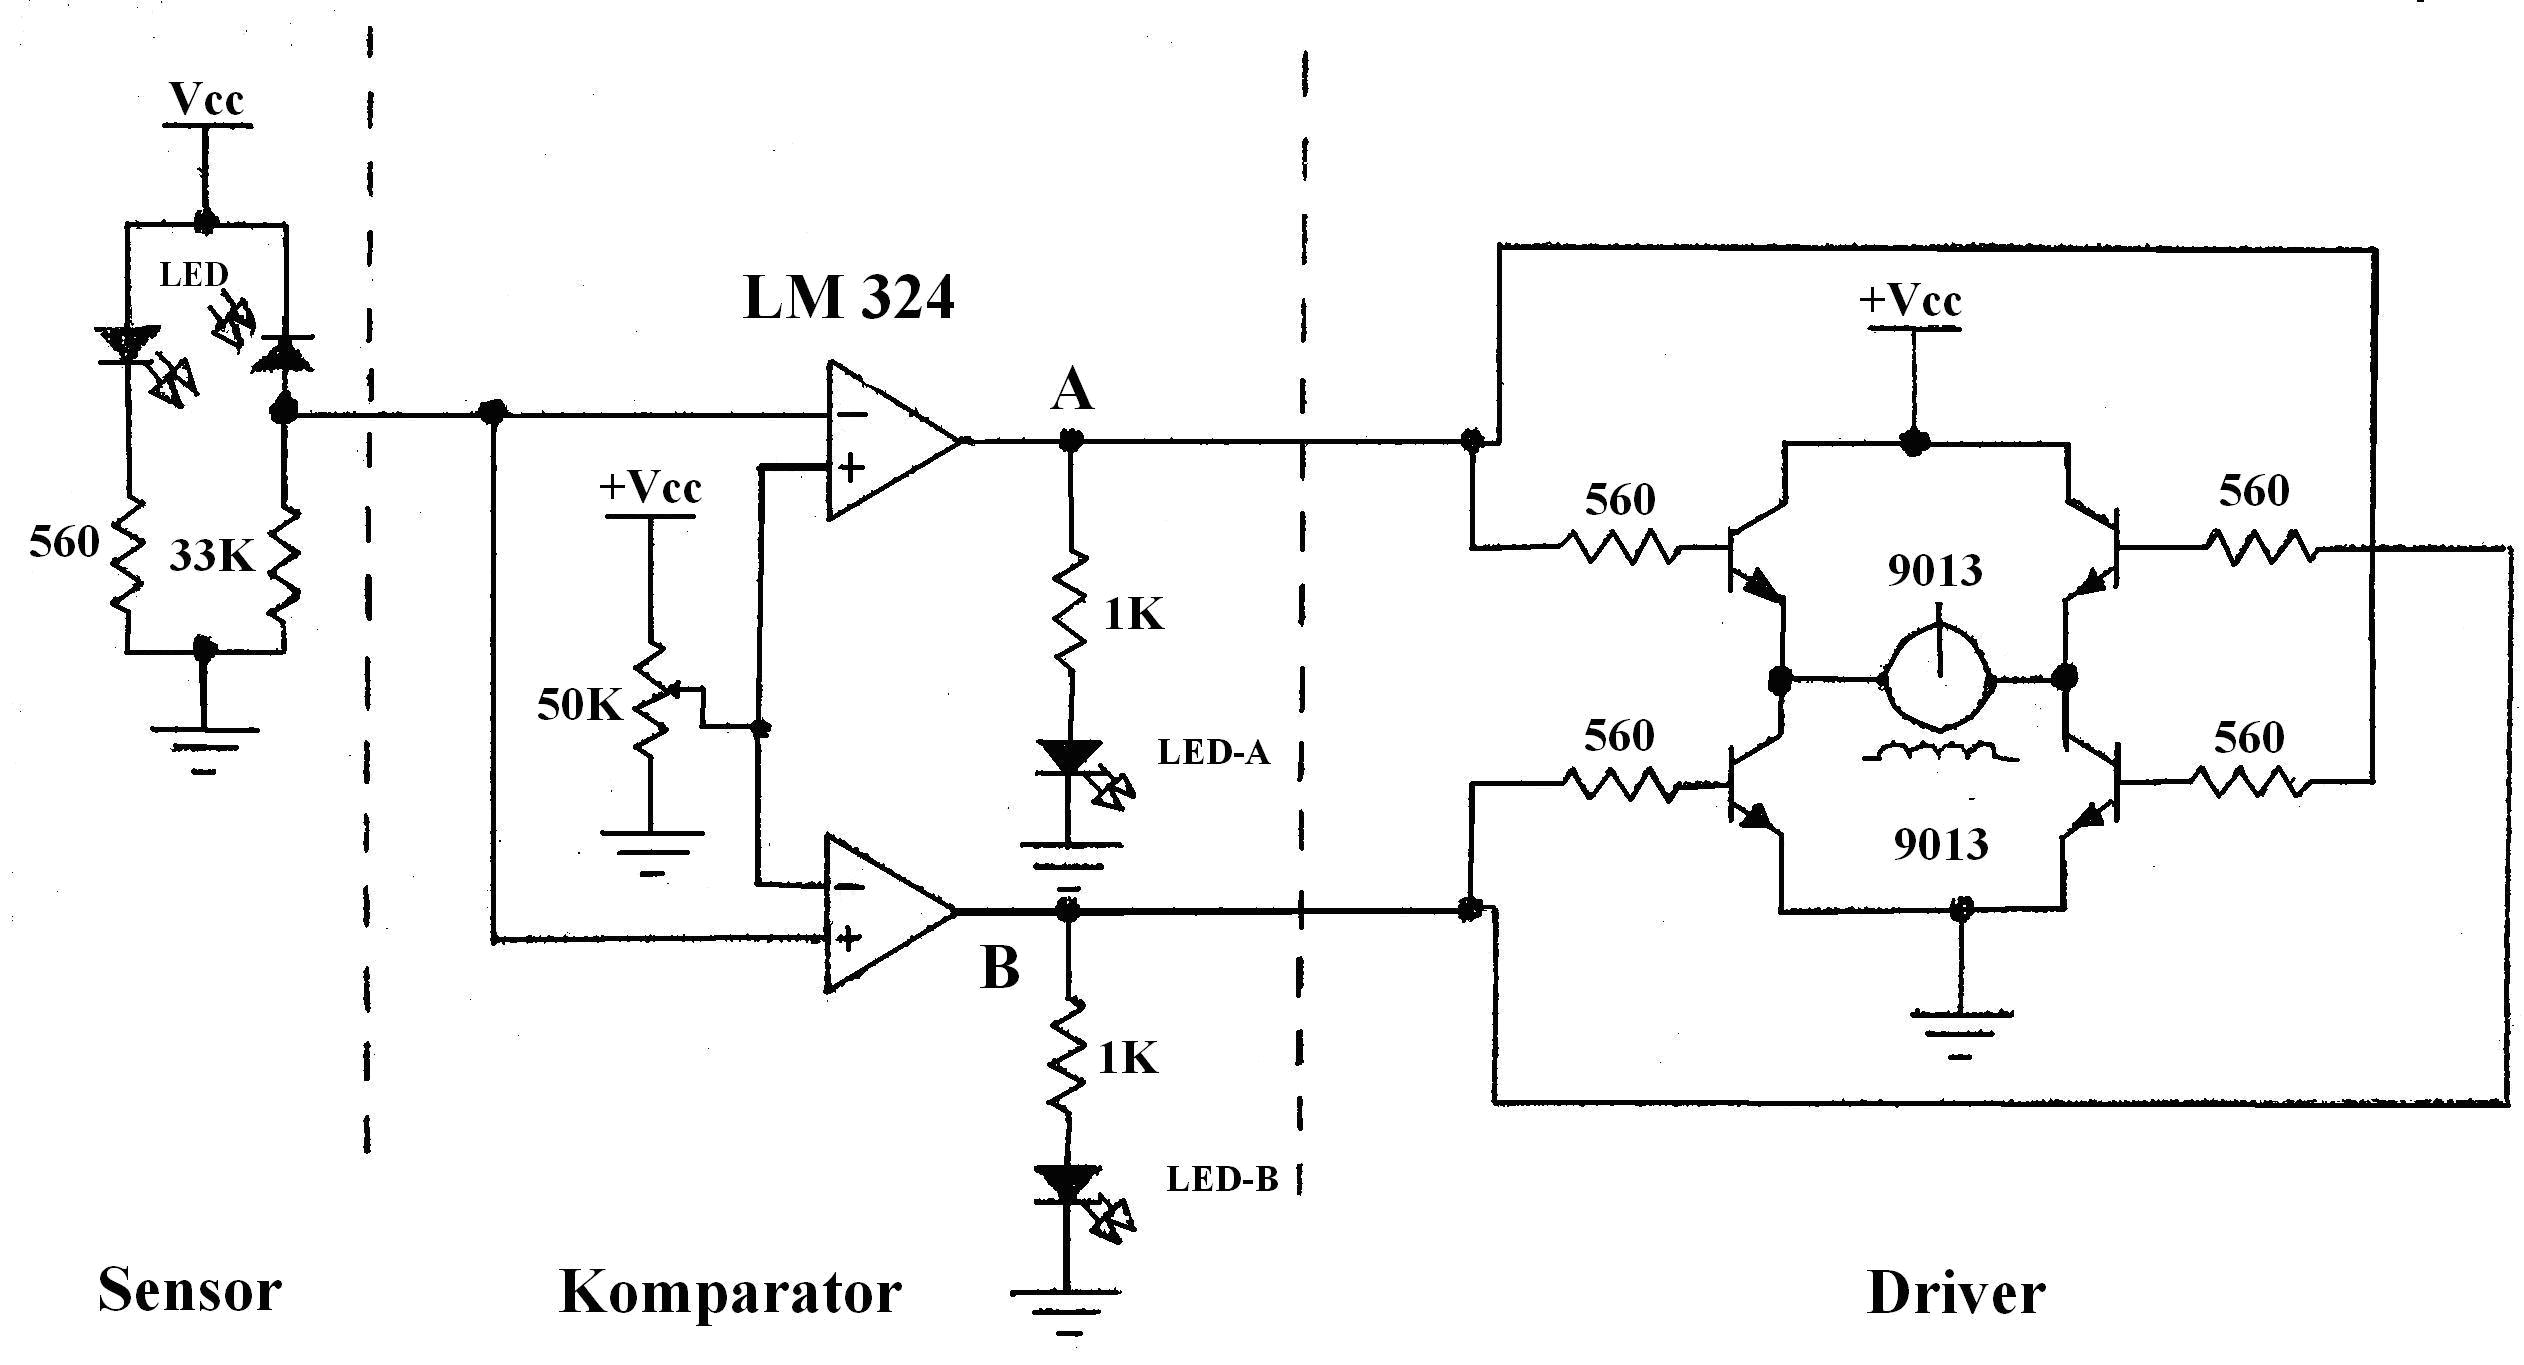 Cara Membuat Wiring Diagram Instalasi Listrik